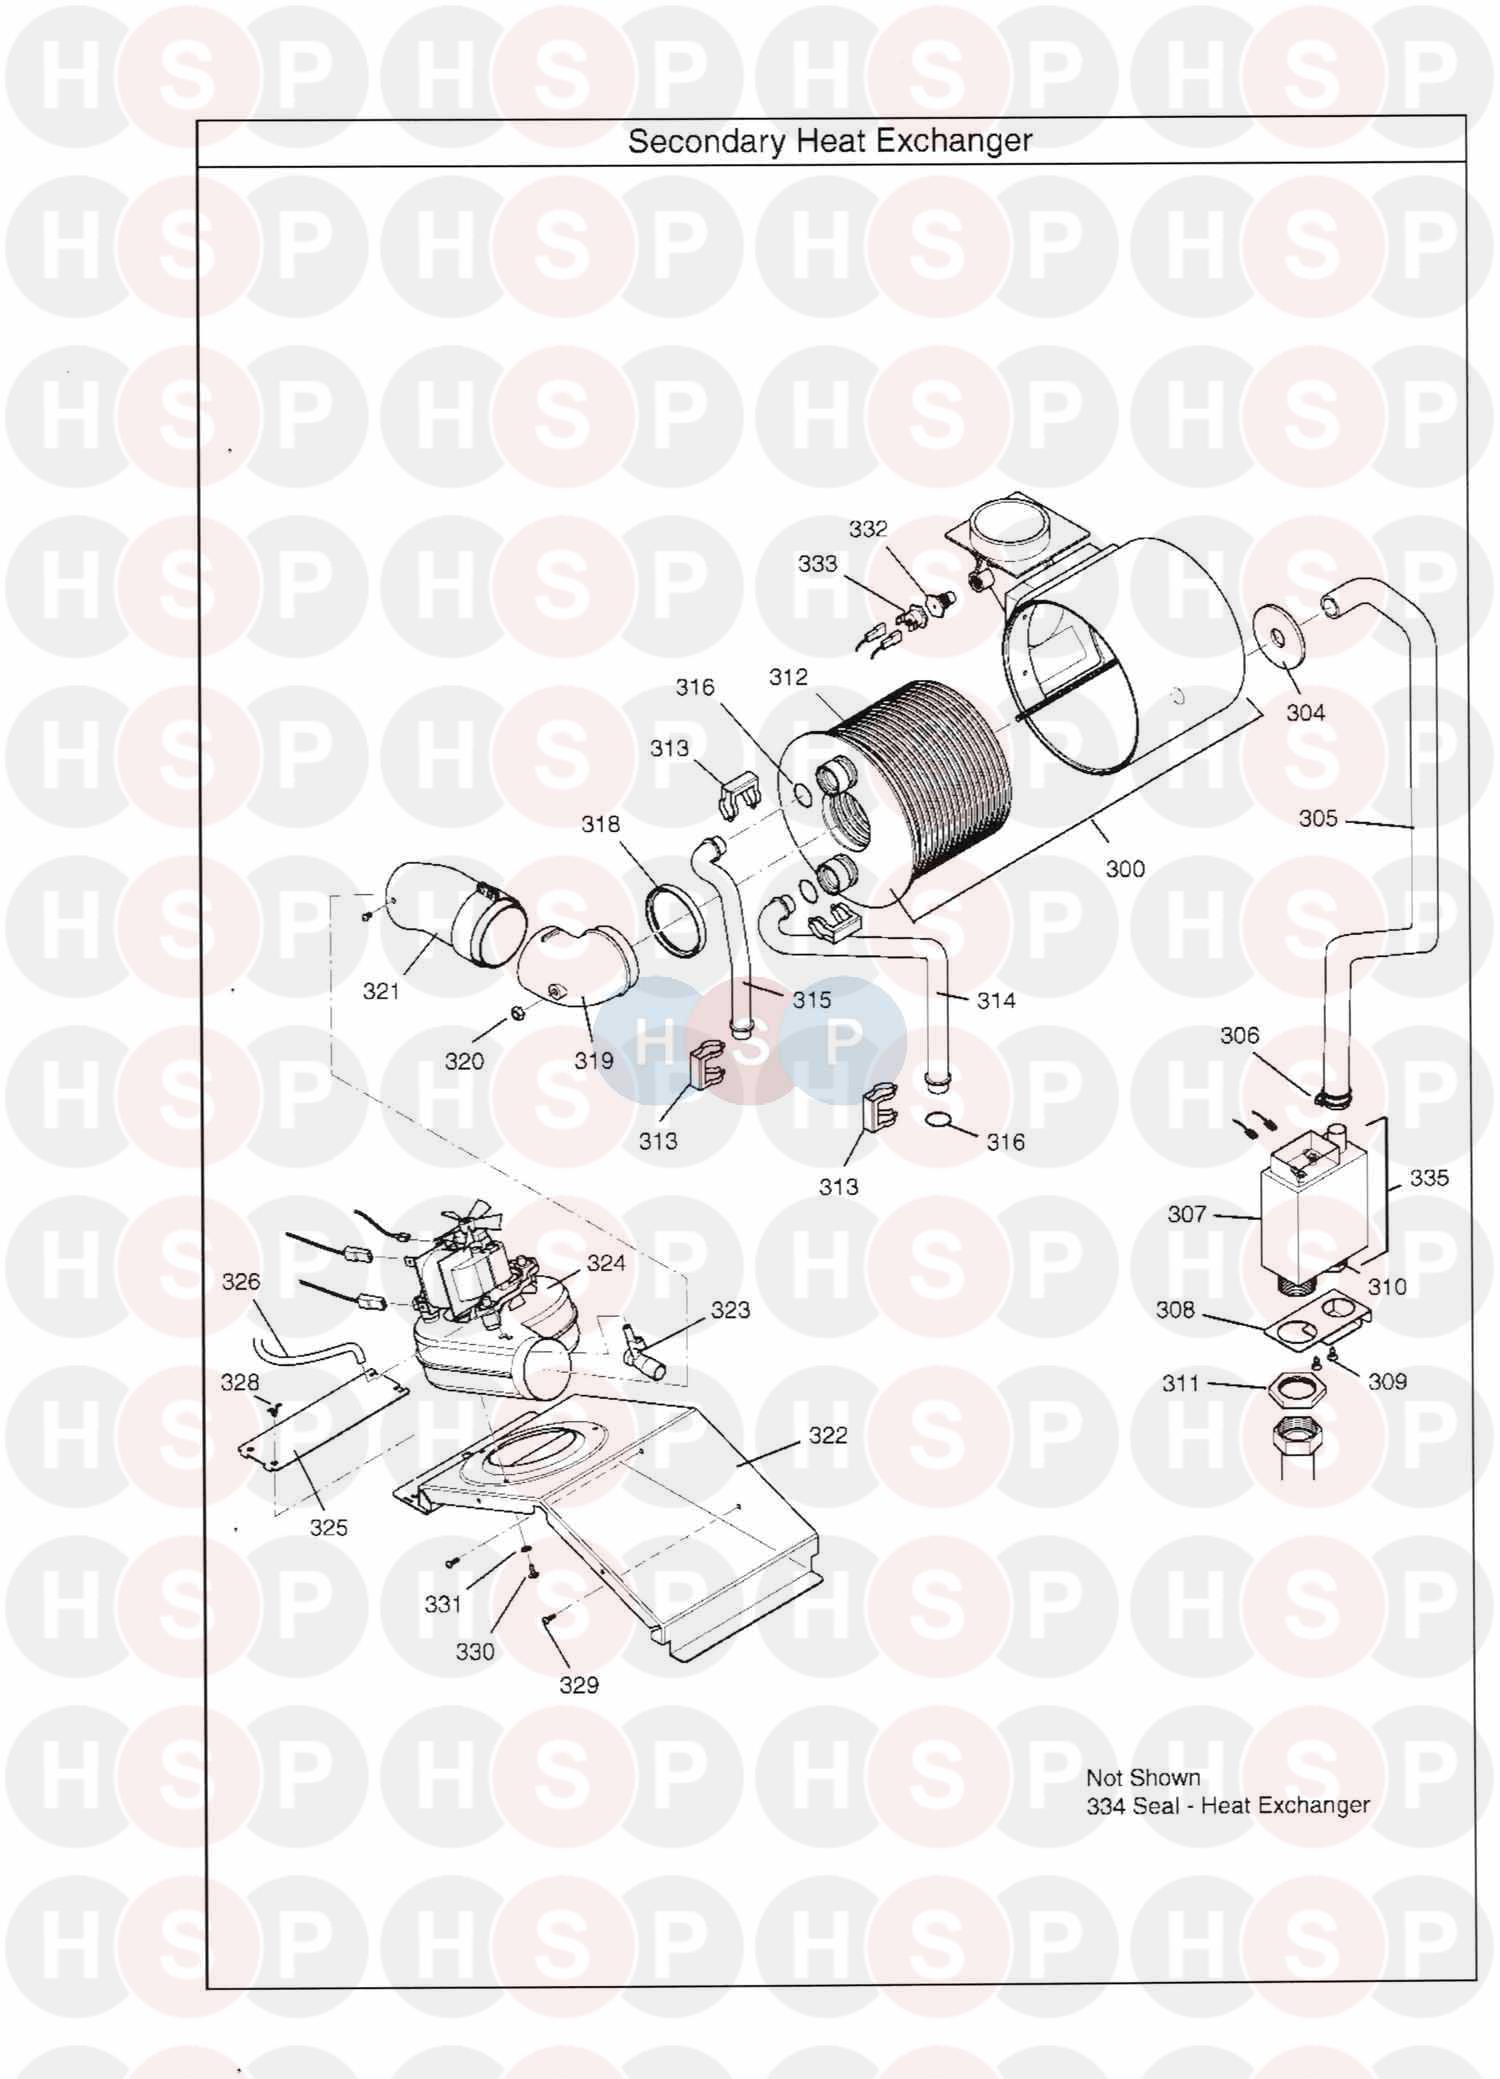 main combi 30he appliance diagram  heat exchanger